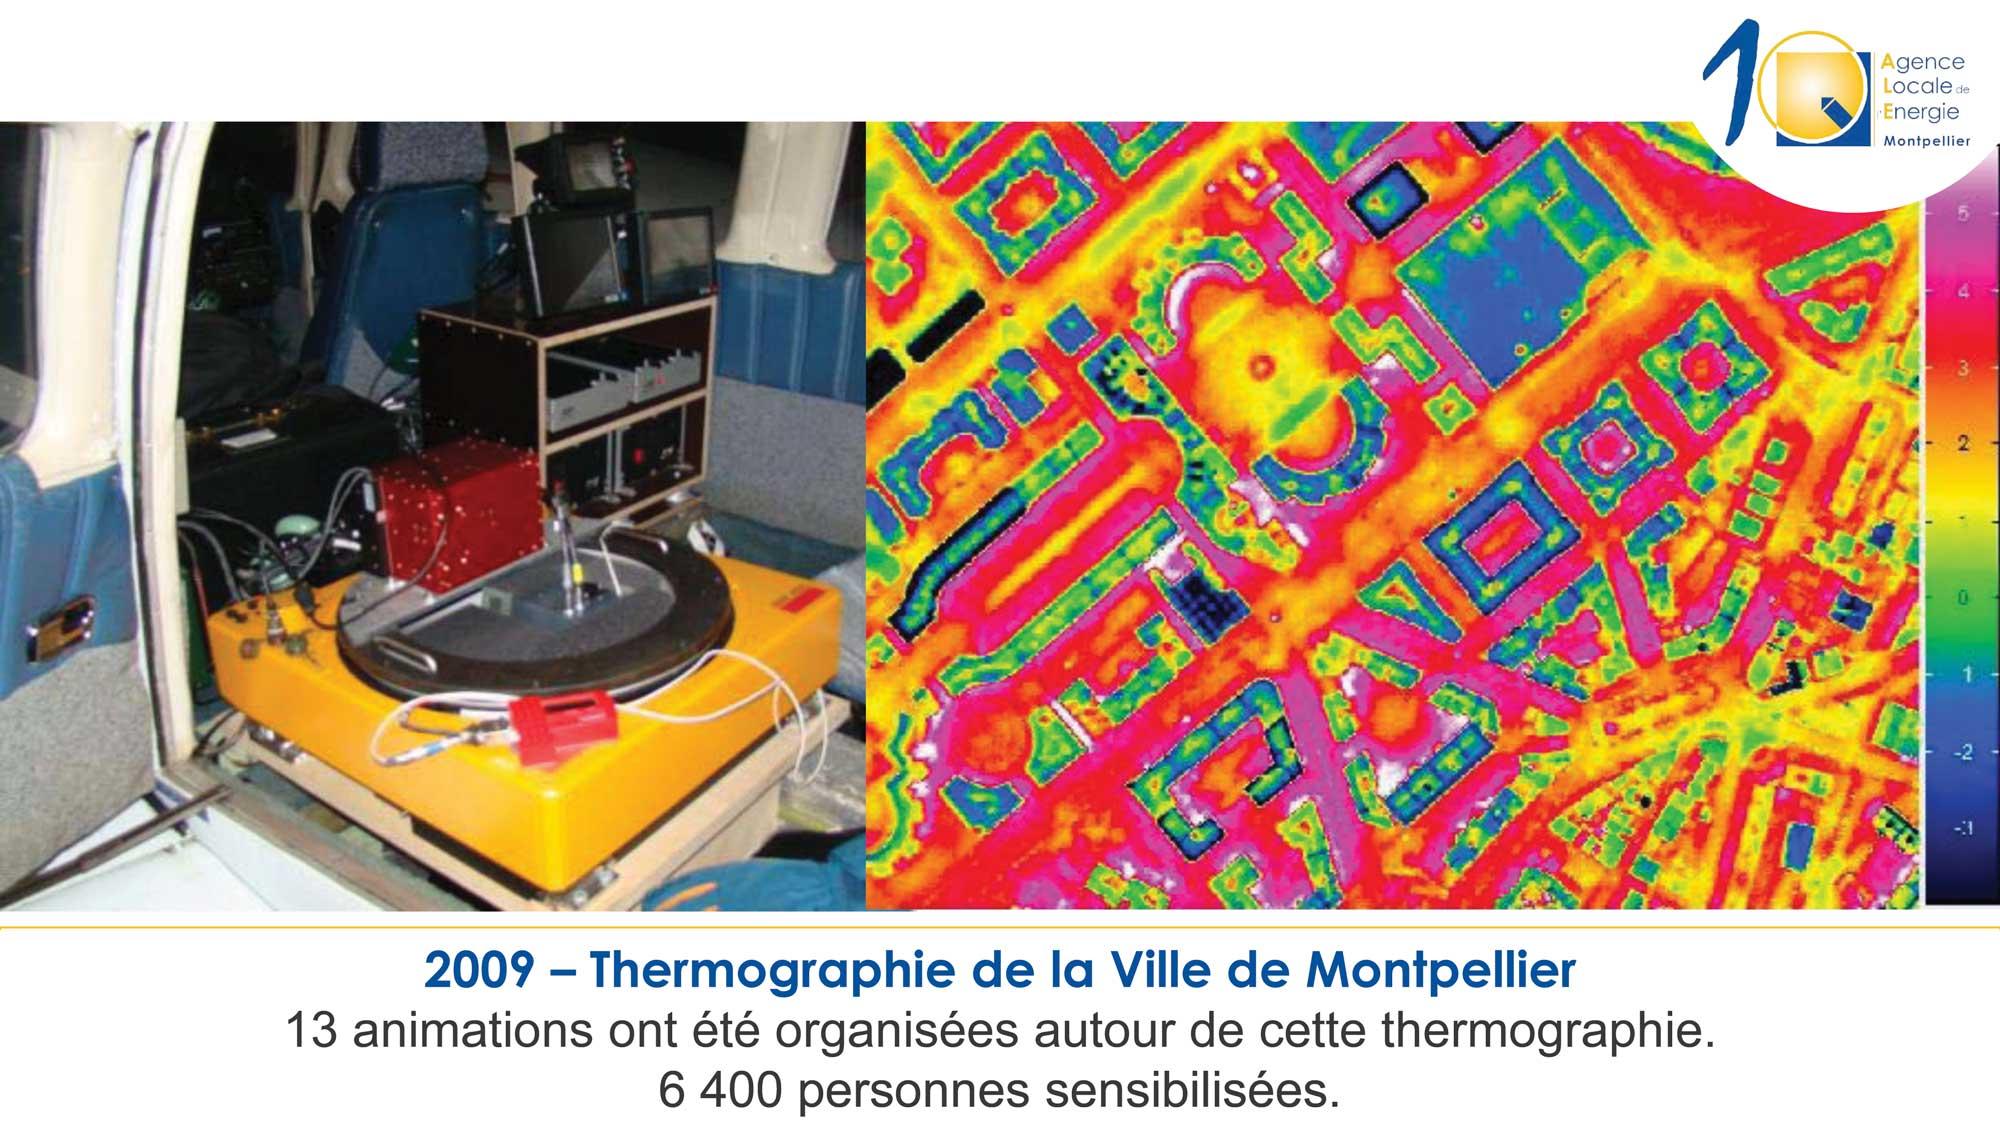 2009 thermographie aérienne de Montpellier